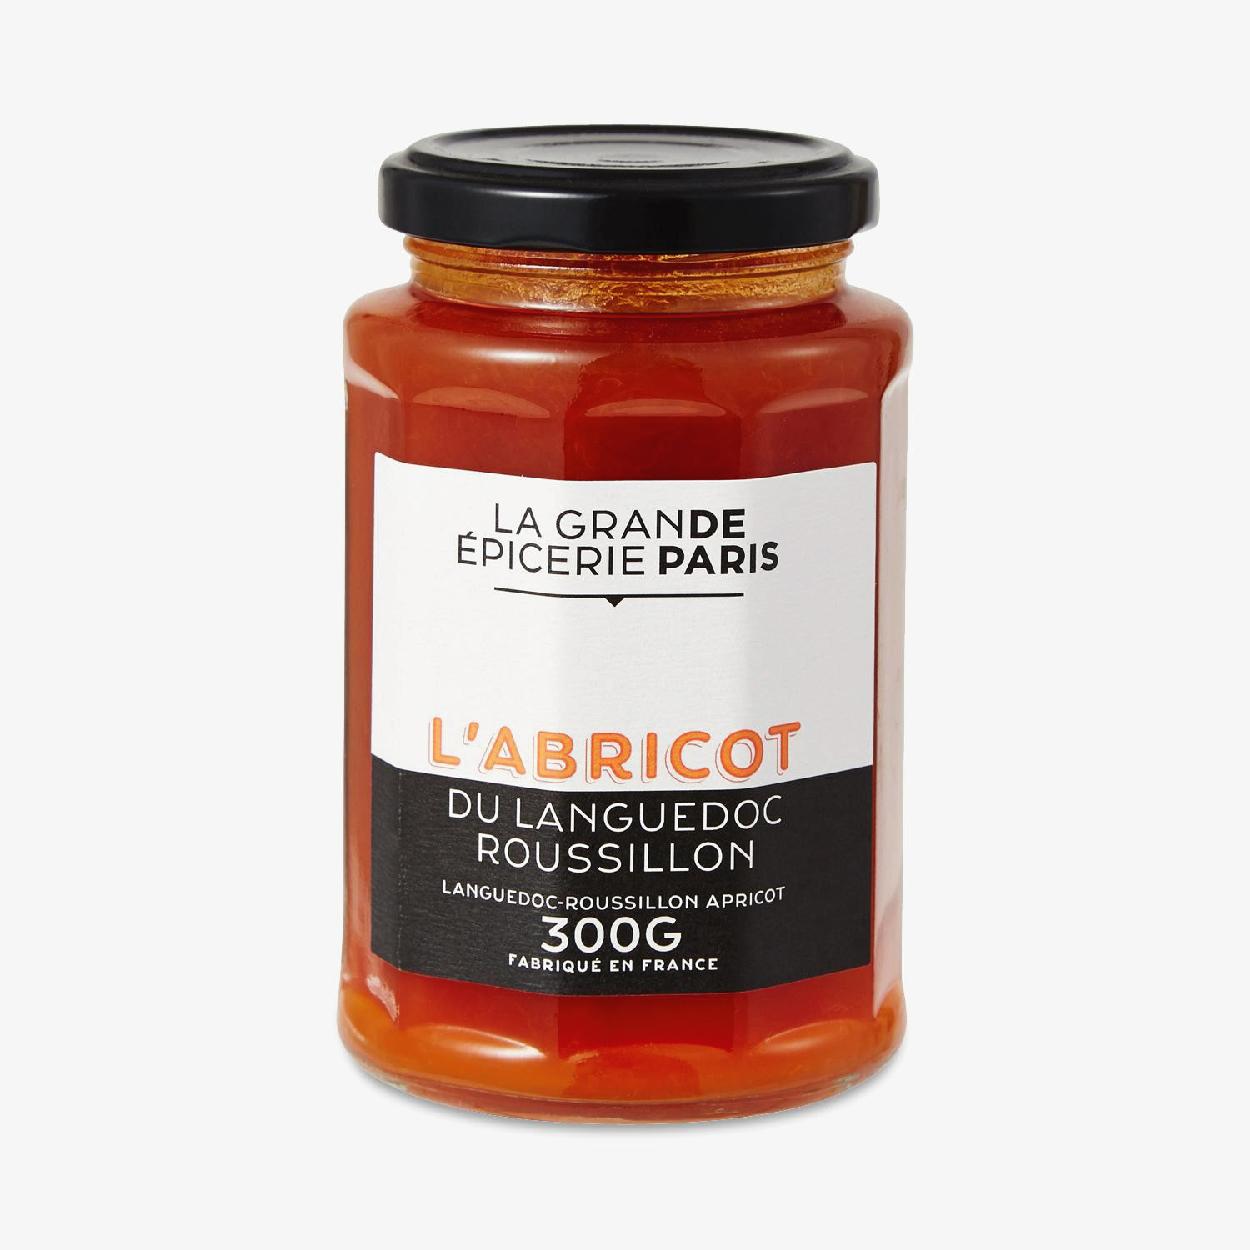 La Grande Epicerie de Paris Packaging Confiture Roussillon Abricot 1703 Factory